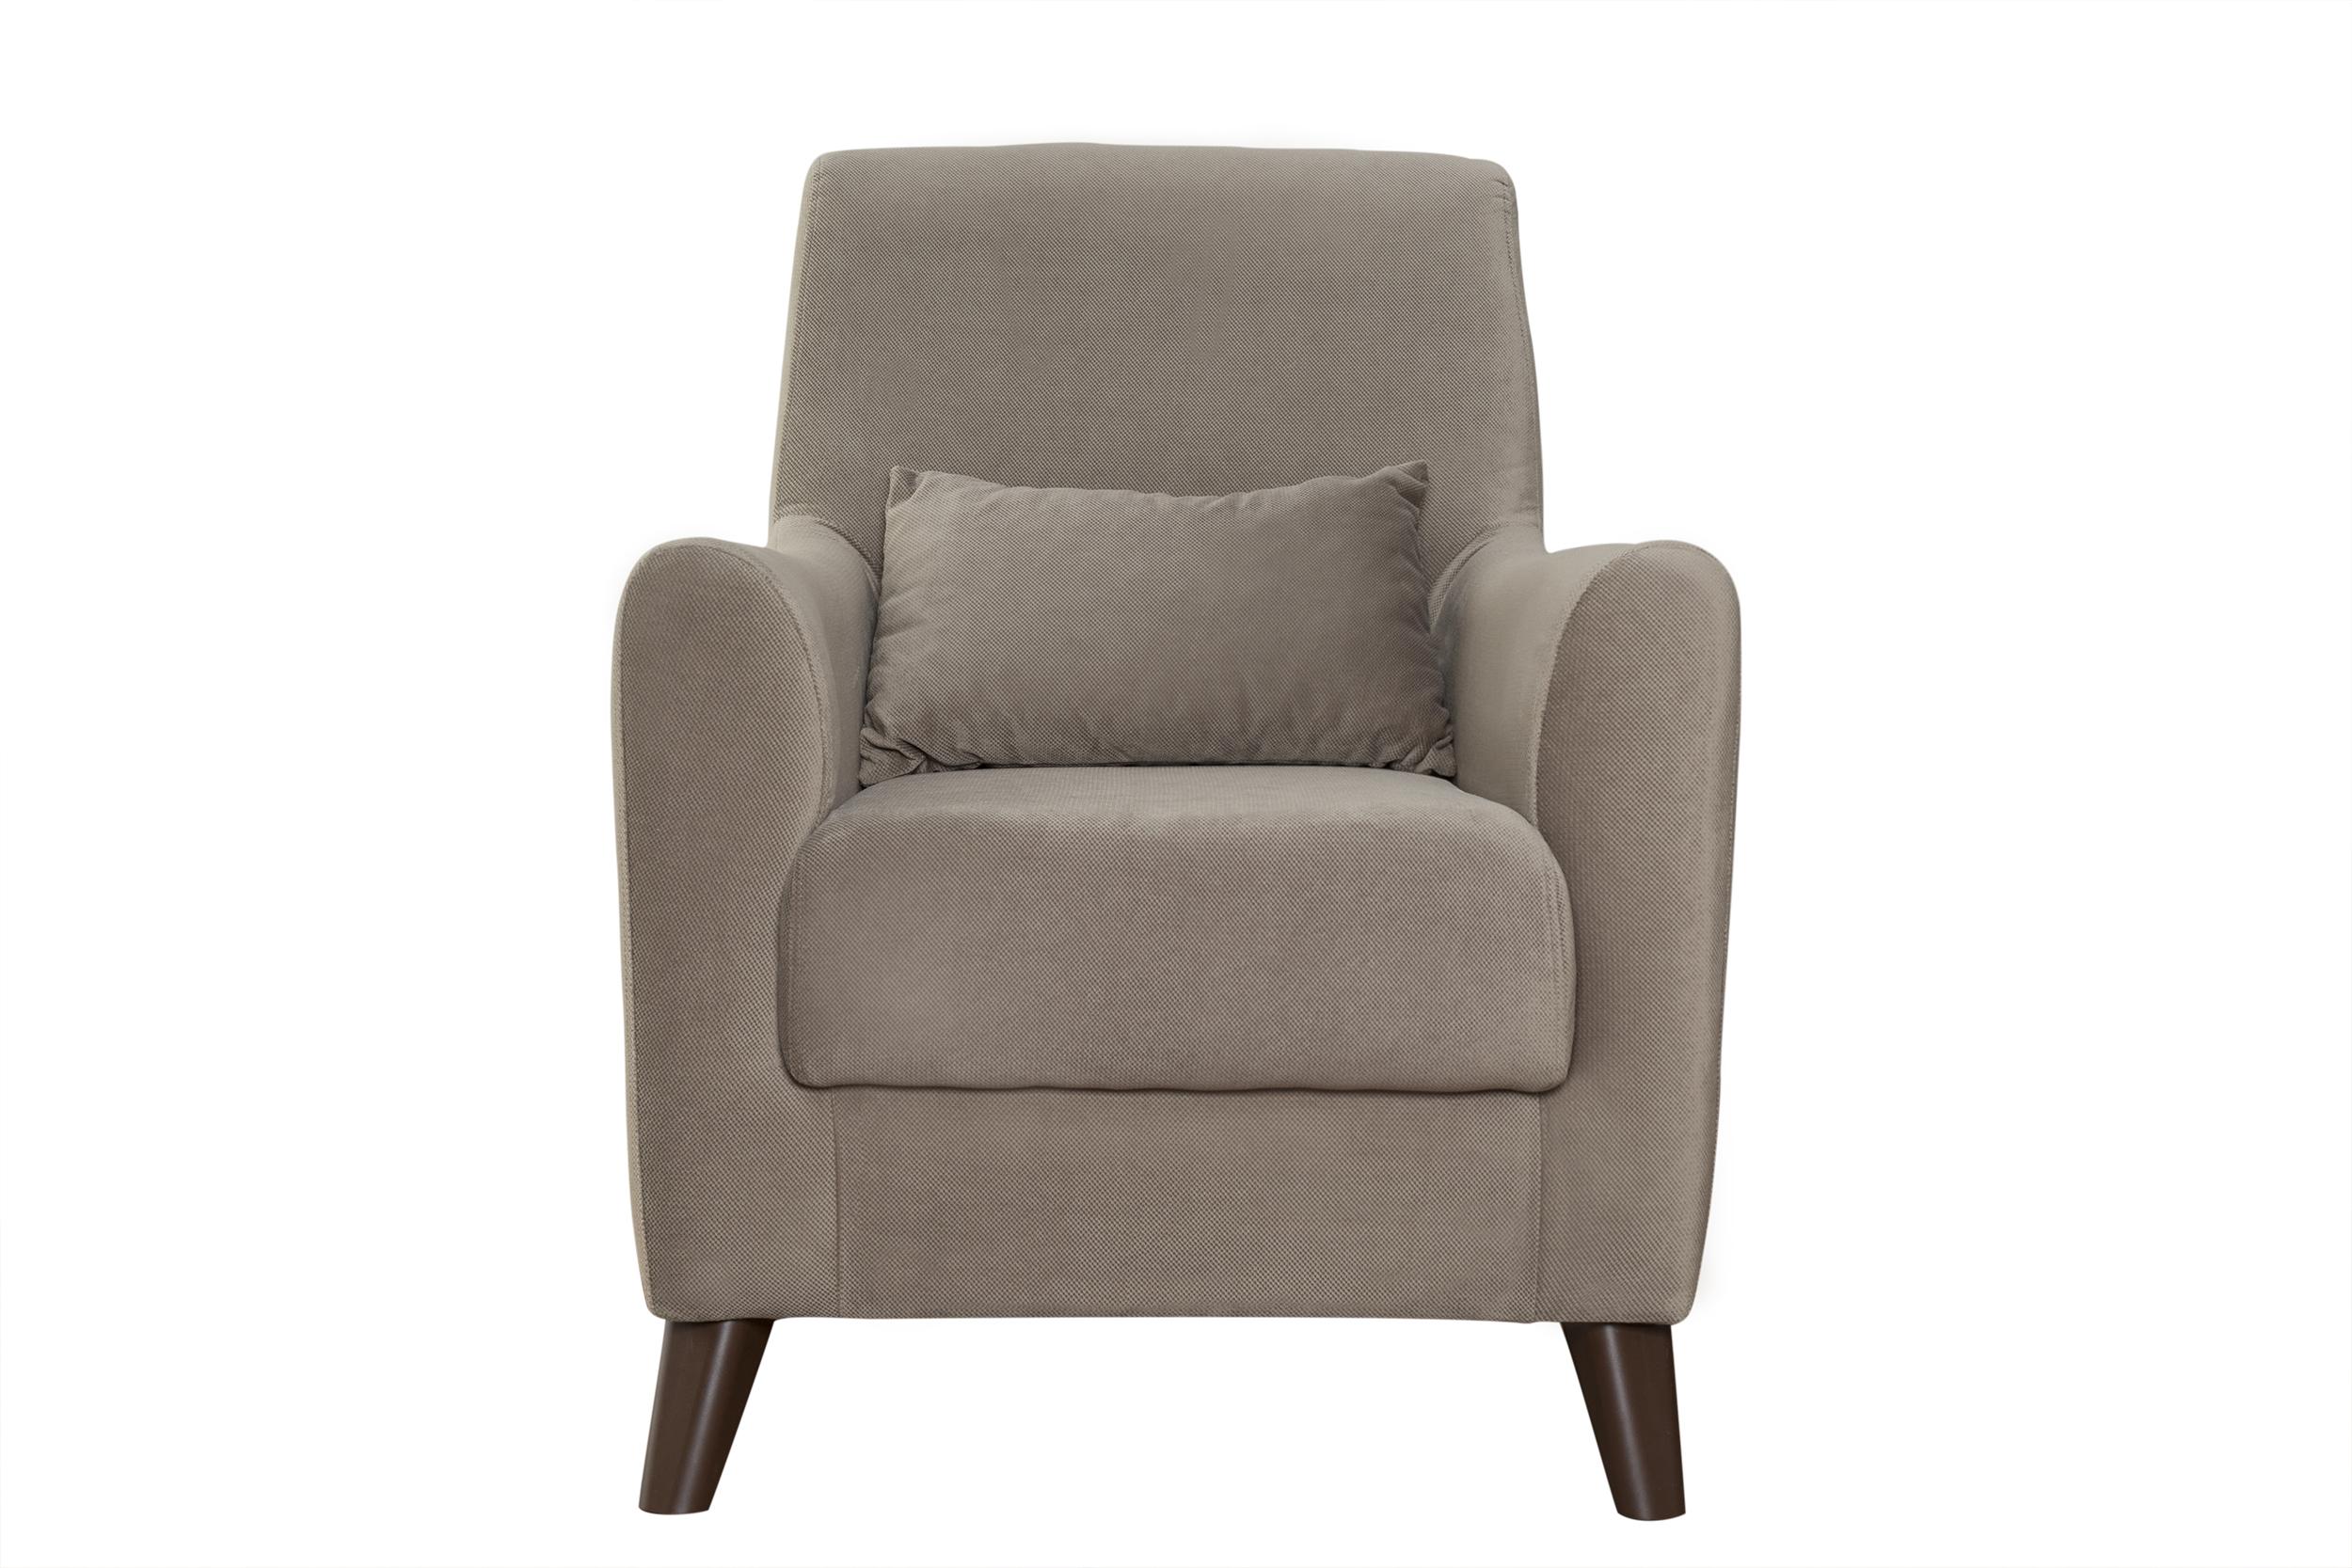 КреслоИнтерьерные кресла<br>&amp;lt;div&amp;gt;Каркас кресла выполнен из ЛДСП, фанеры, деревянного бруса.&amp;amp;nbsp;&amp;lt;/div&amp;gt;&amp;lt;div&amp;gt;Элементы сиденья и спальная часть из ППУ.&amp;amp;nbsp;&amp;lt;/div&amp;gt;&amp;lt;div&amp;gt;Наполнитель подушек – полиэфирное волокно и крошка ППУ.&amp;amp;nbsp;&amp;lt;/div&amp;gt;&amp;lt;div&amp;gt;Опоры – пластик.&amp;lt;/div&amp;gt;&amp;lt;div&amp;gt;Декоративная отстрочка.&amp;lt;/div&amp;gt;&amp;lt;div&amp;gt;&amp;lt;br&amp;gt;&amp;lt;/div&amp;gt;&amp;lt;div&amp;gt;Размеры мебели могут отличаться от заявленных в пределах 3 см.&amp;amp;nbsp;&amp;lt;/div&amp;gt;&amp;lt;div&amp;gt;В связи с постоянной работой над усовершенствованием моделей, фабрика оставляет за собой право внесения изменений в модели.&amp;amp;nbsp;&amp;lt;/div&amp;gt;&amp;lt;div&amp;gt;Небольшие недоразумения не исключаются.&amp;lt;/div&amp;gt;&amp;lt;div&amp;gt;Фотографии тканей могут отличаться от реальных цветов.&amp;amp;nbsp;&amp;lt;/div&amp;gt;&amp;lt;div&amp;gt;При заказе мебели обязательно смотрите на образцы тканей.&amp;lt;/div&amp;gt;<br><br>Material: Текстиль<br>Ширина см: 75<br>Высота см: 89<br>Глубина см: 87